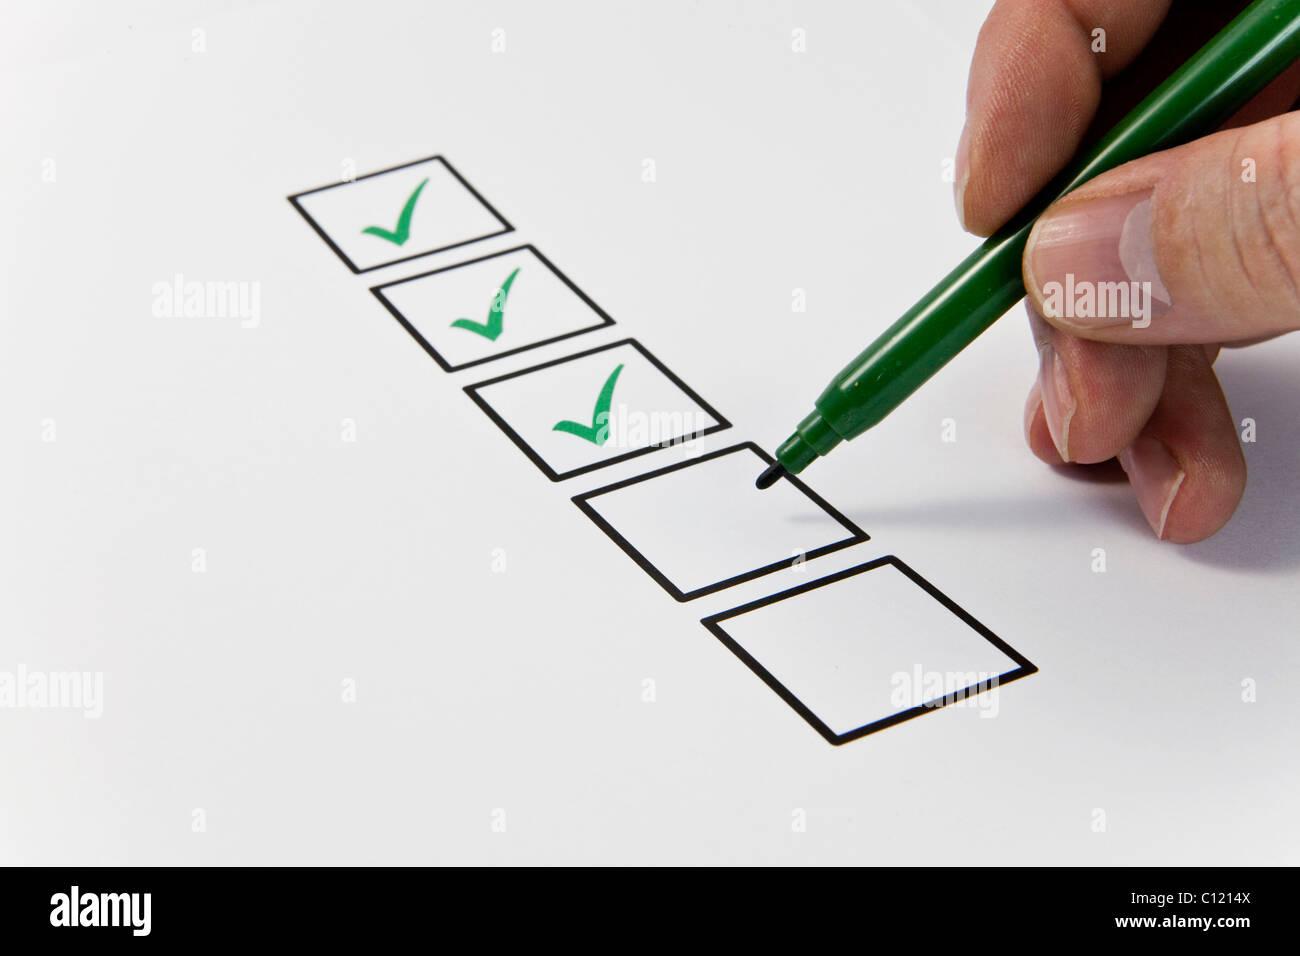 Boxen sind geprüft, symbolisches Bild für Erfolg, erledigten Aufgaben Stockbild